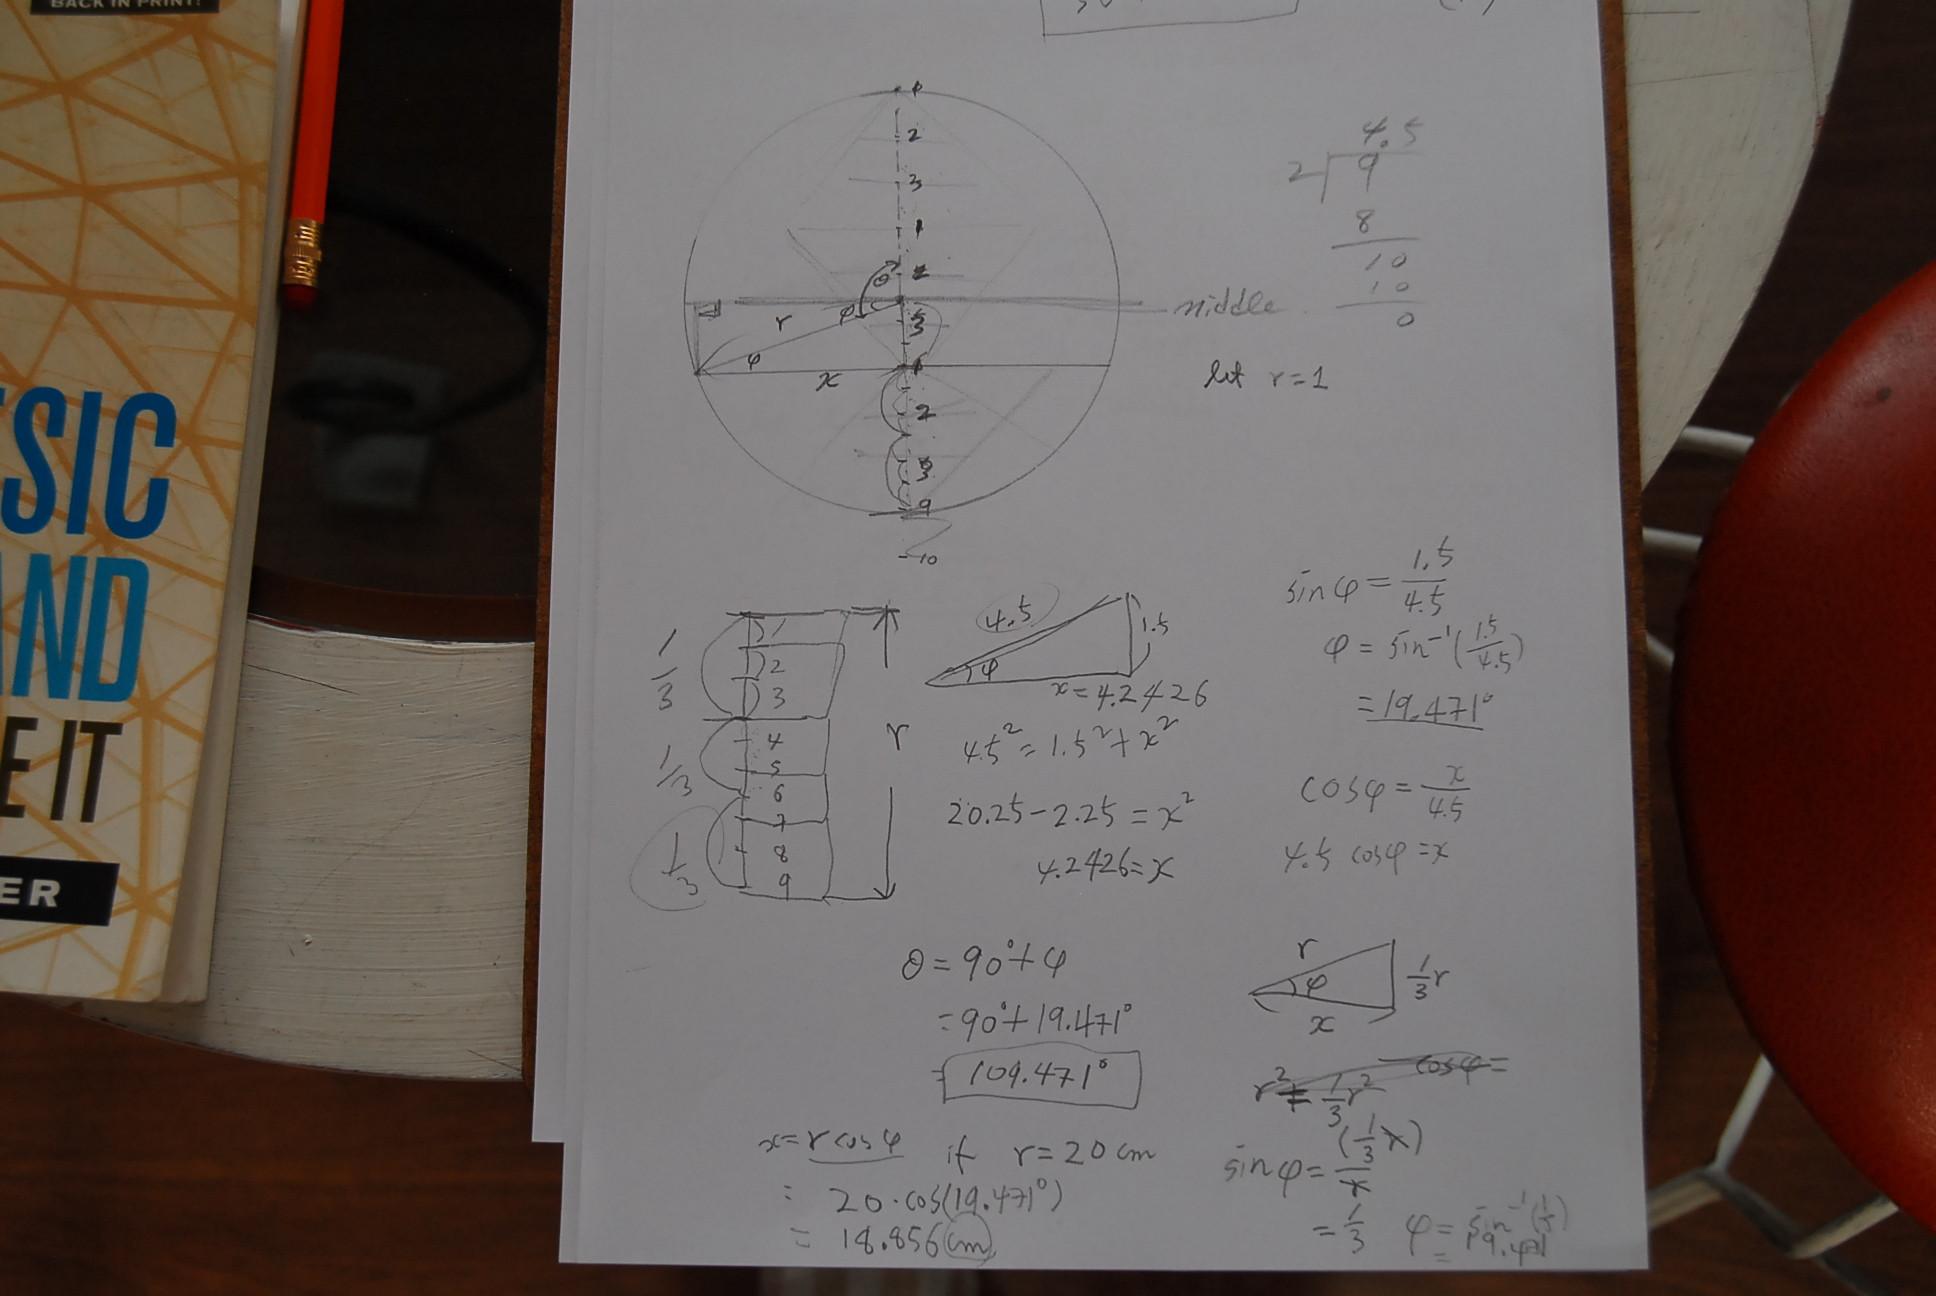 [Image: floor_radius_formula1.jpg]